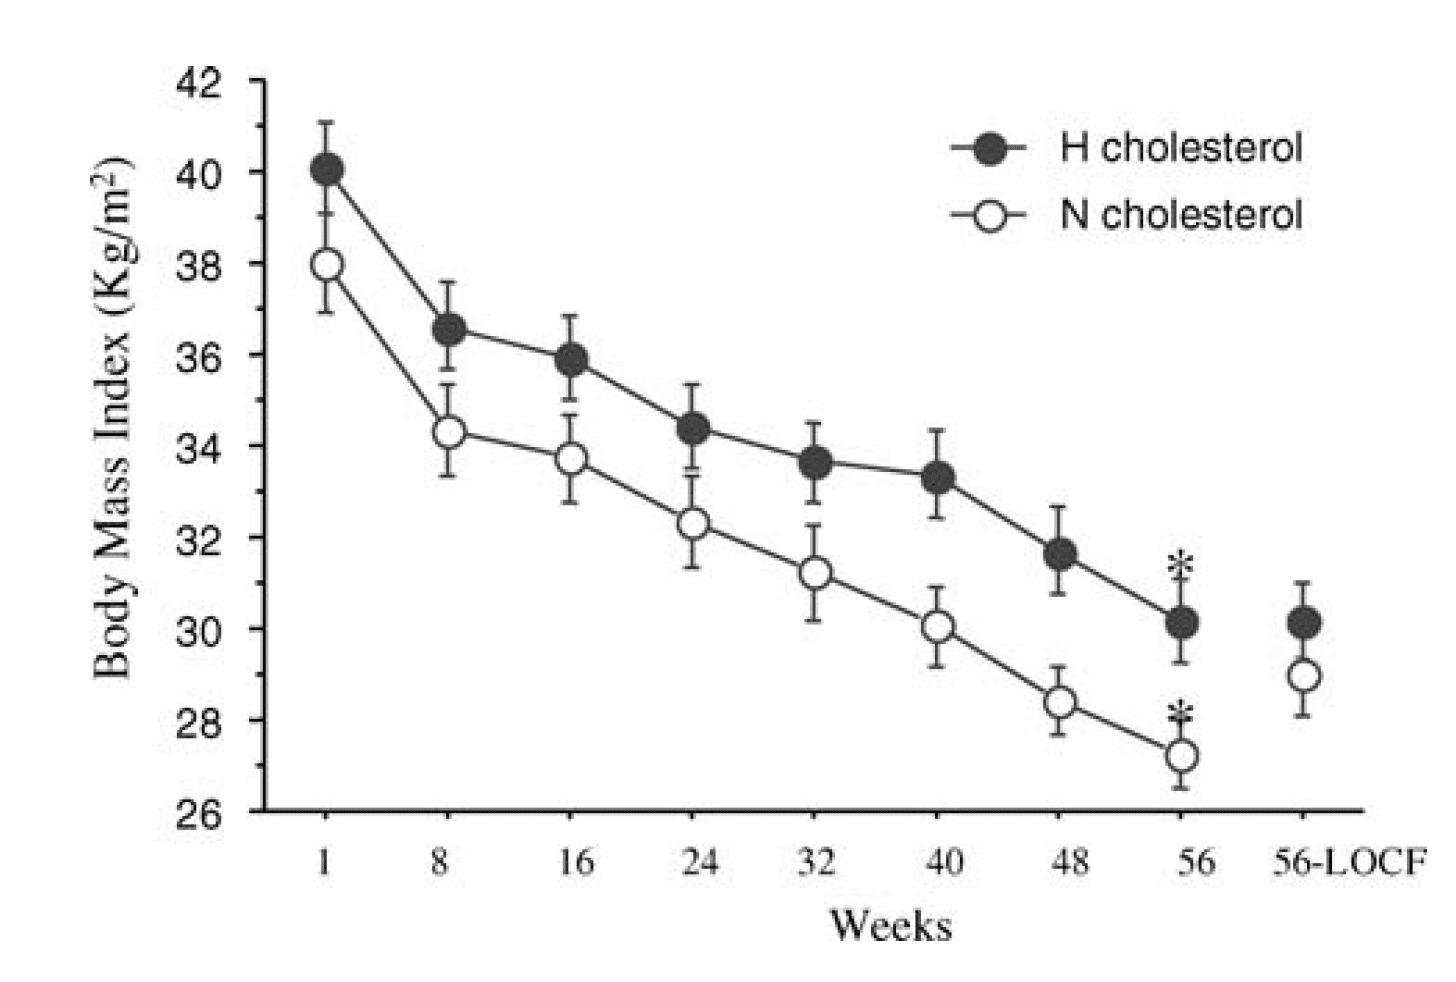 Här ser vi hur deltagarnas BMI sjunker med nästan 10 enheter efter 56 veckor på LCHF. Viktnedgången är både snabb och mycket uttalad. I genomsnitt gick deltagarna ner 25 kg.